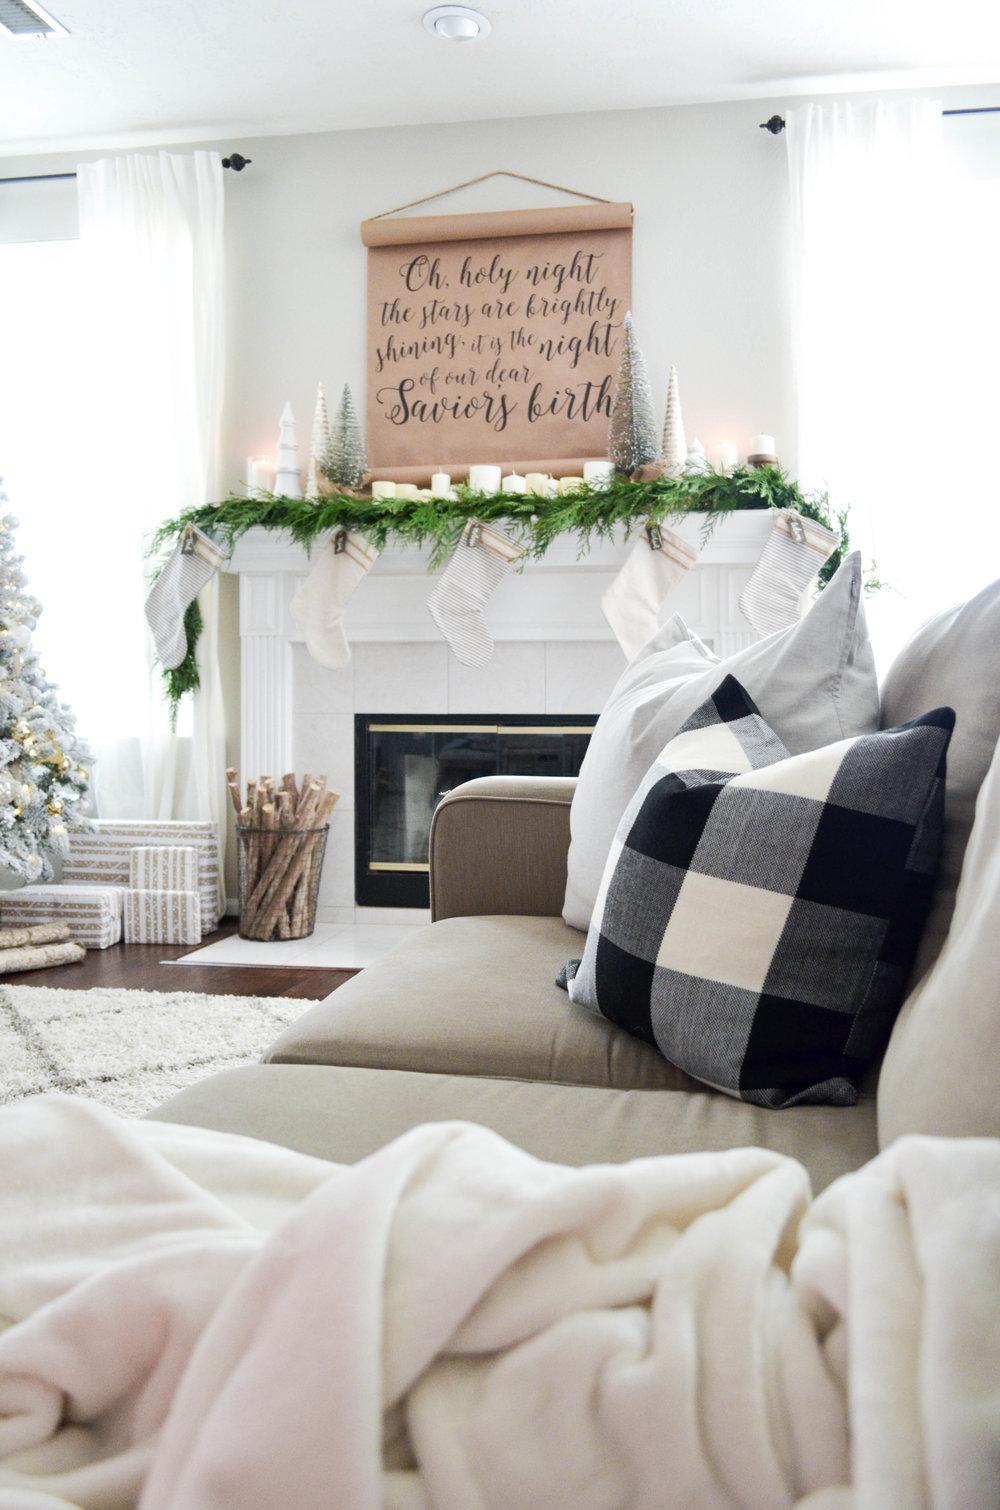 A Simple Farmhouse Christmas Mantel